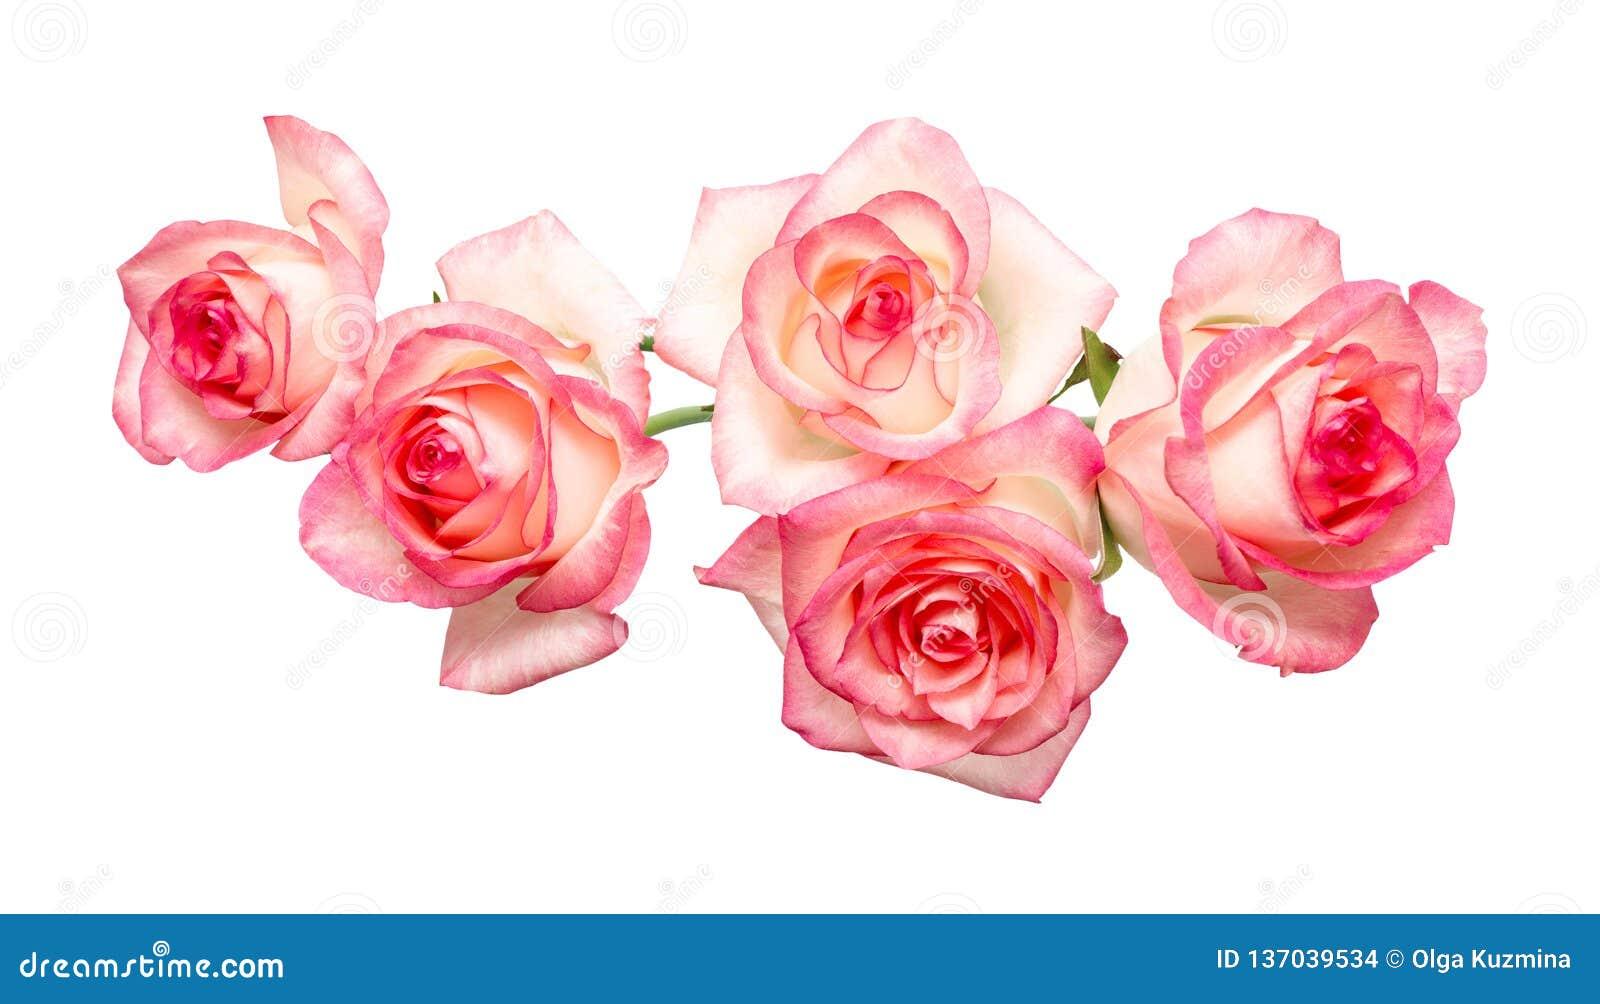 Cinq roses roses sur un fond blanc, belles roses fraîches